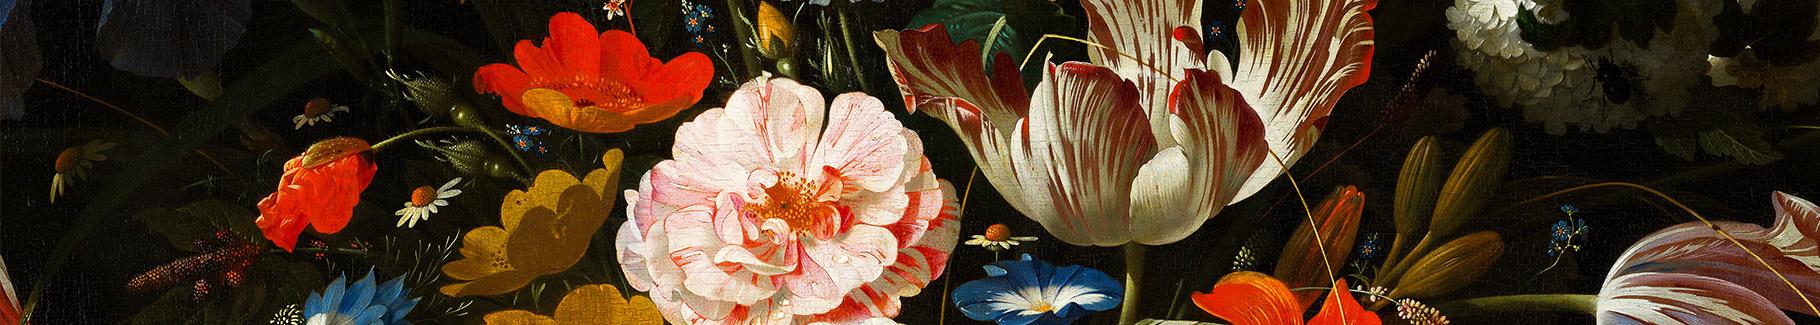 Fototapeta bukiet z kolorowymi kwiatami